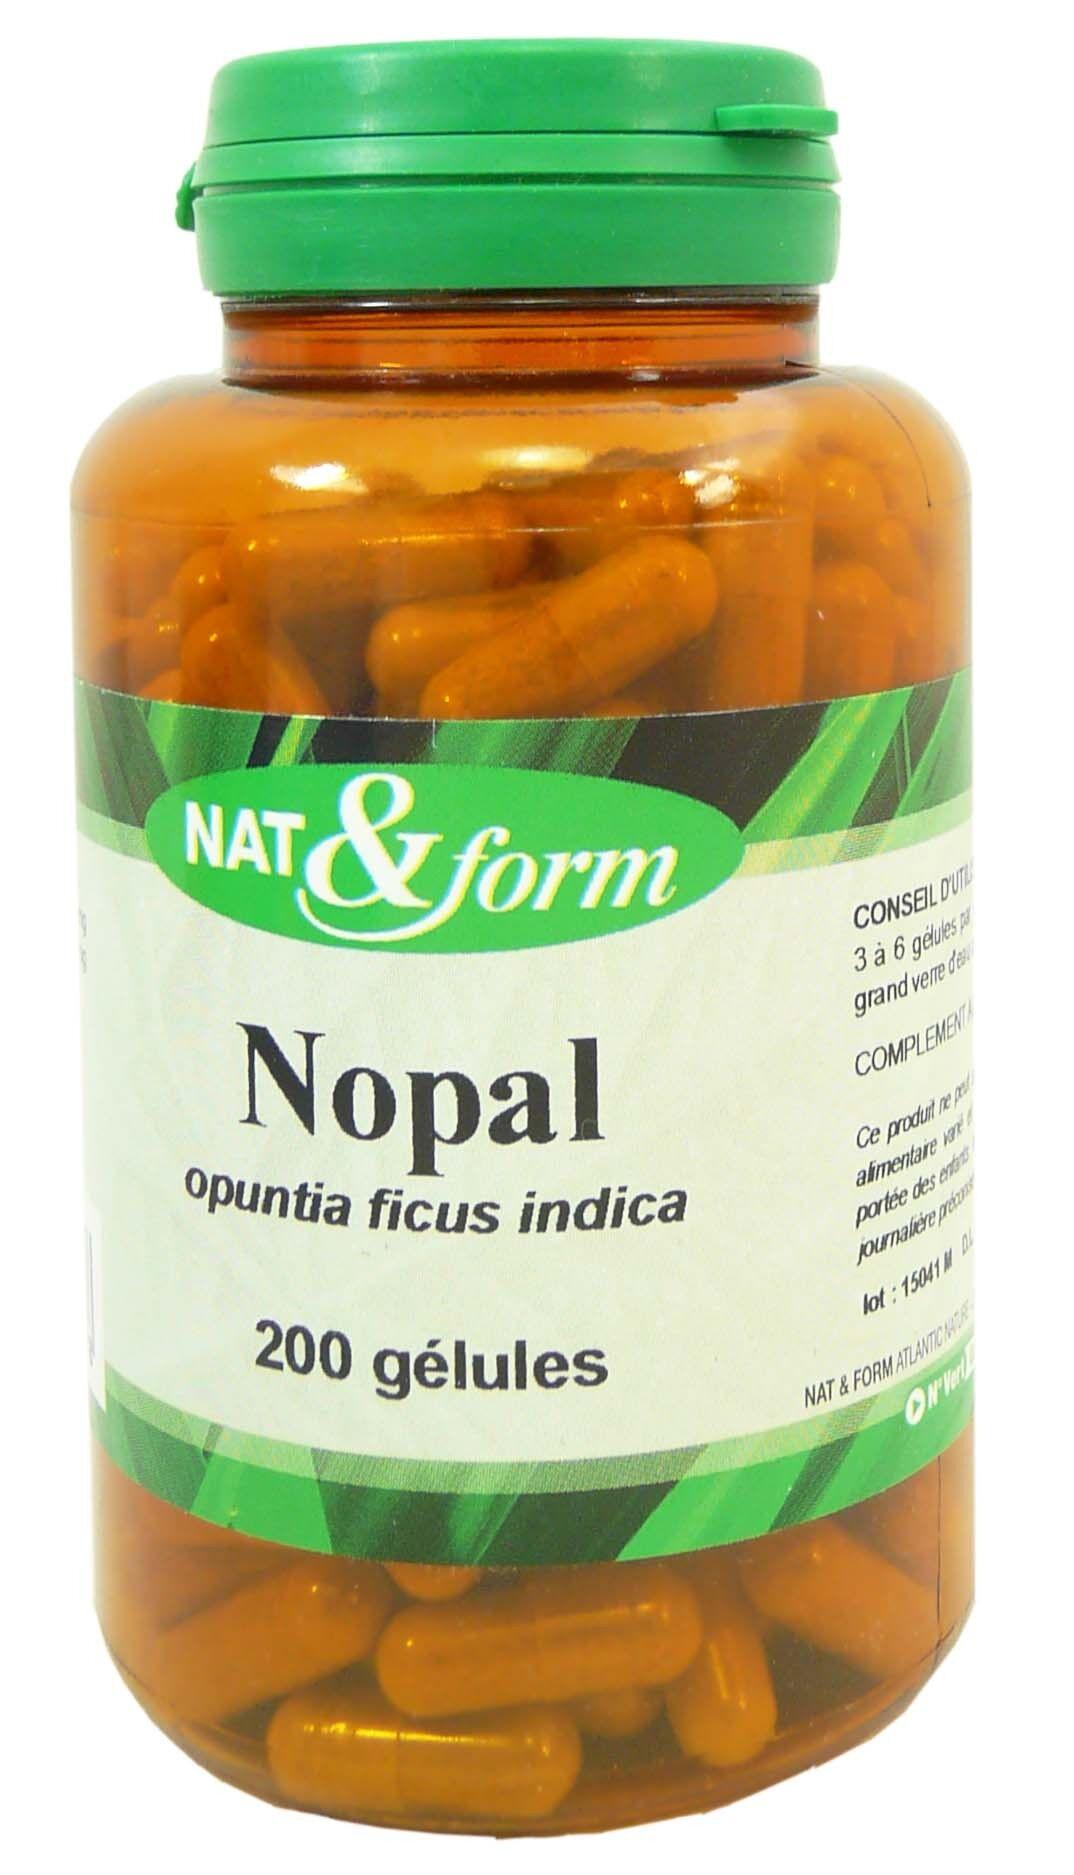 NAT & FORM Nat&form nopal 200 gelules